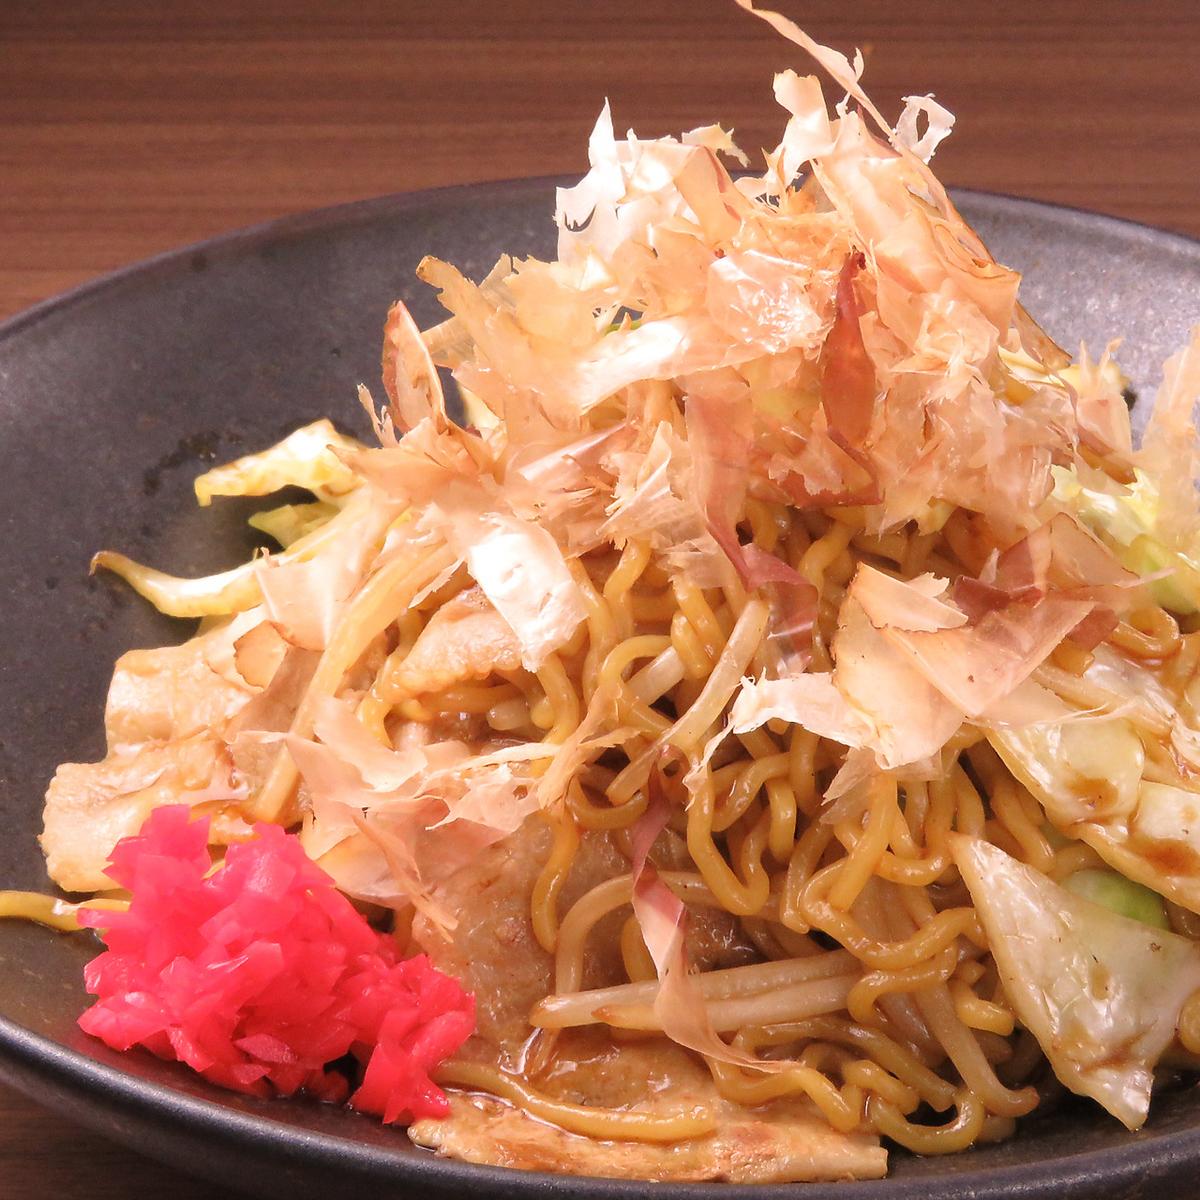 Pork sauce fried noodles